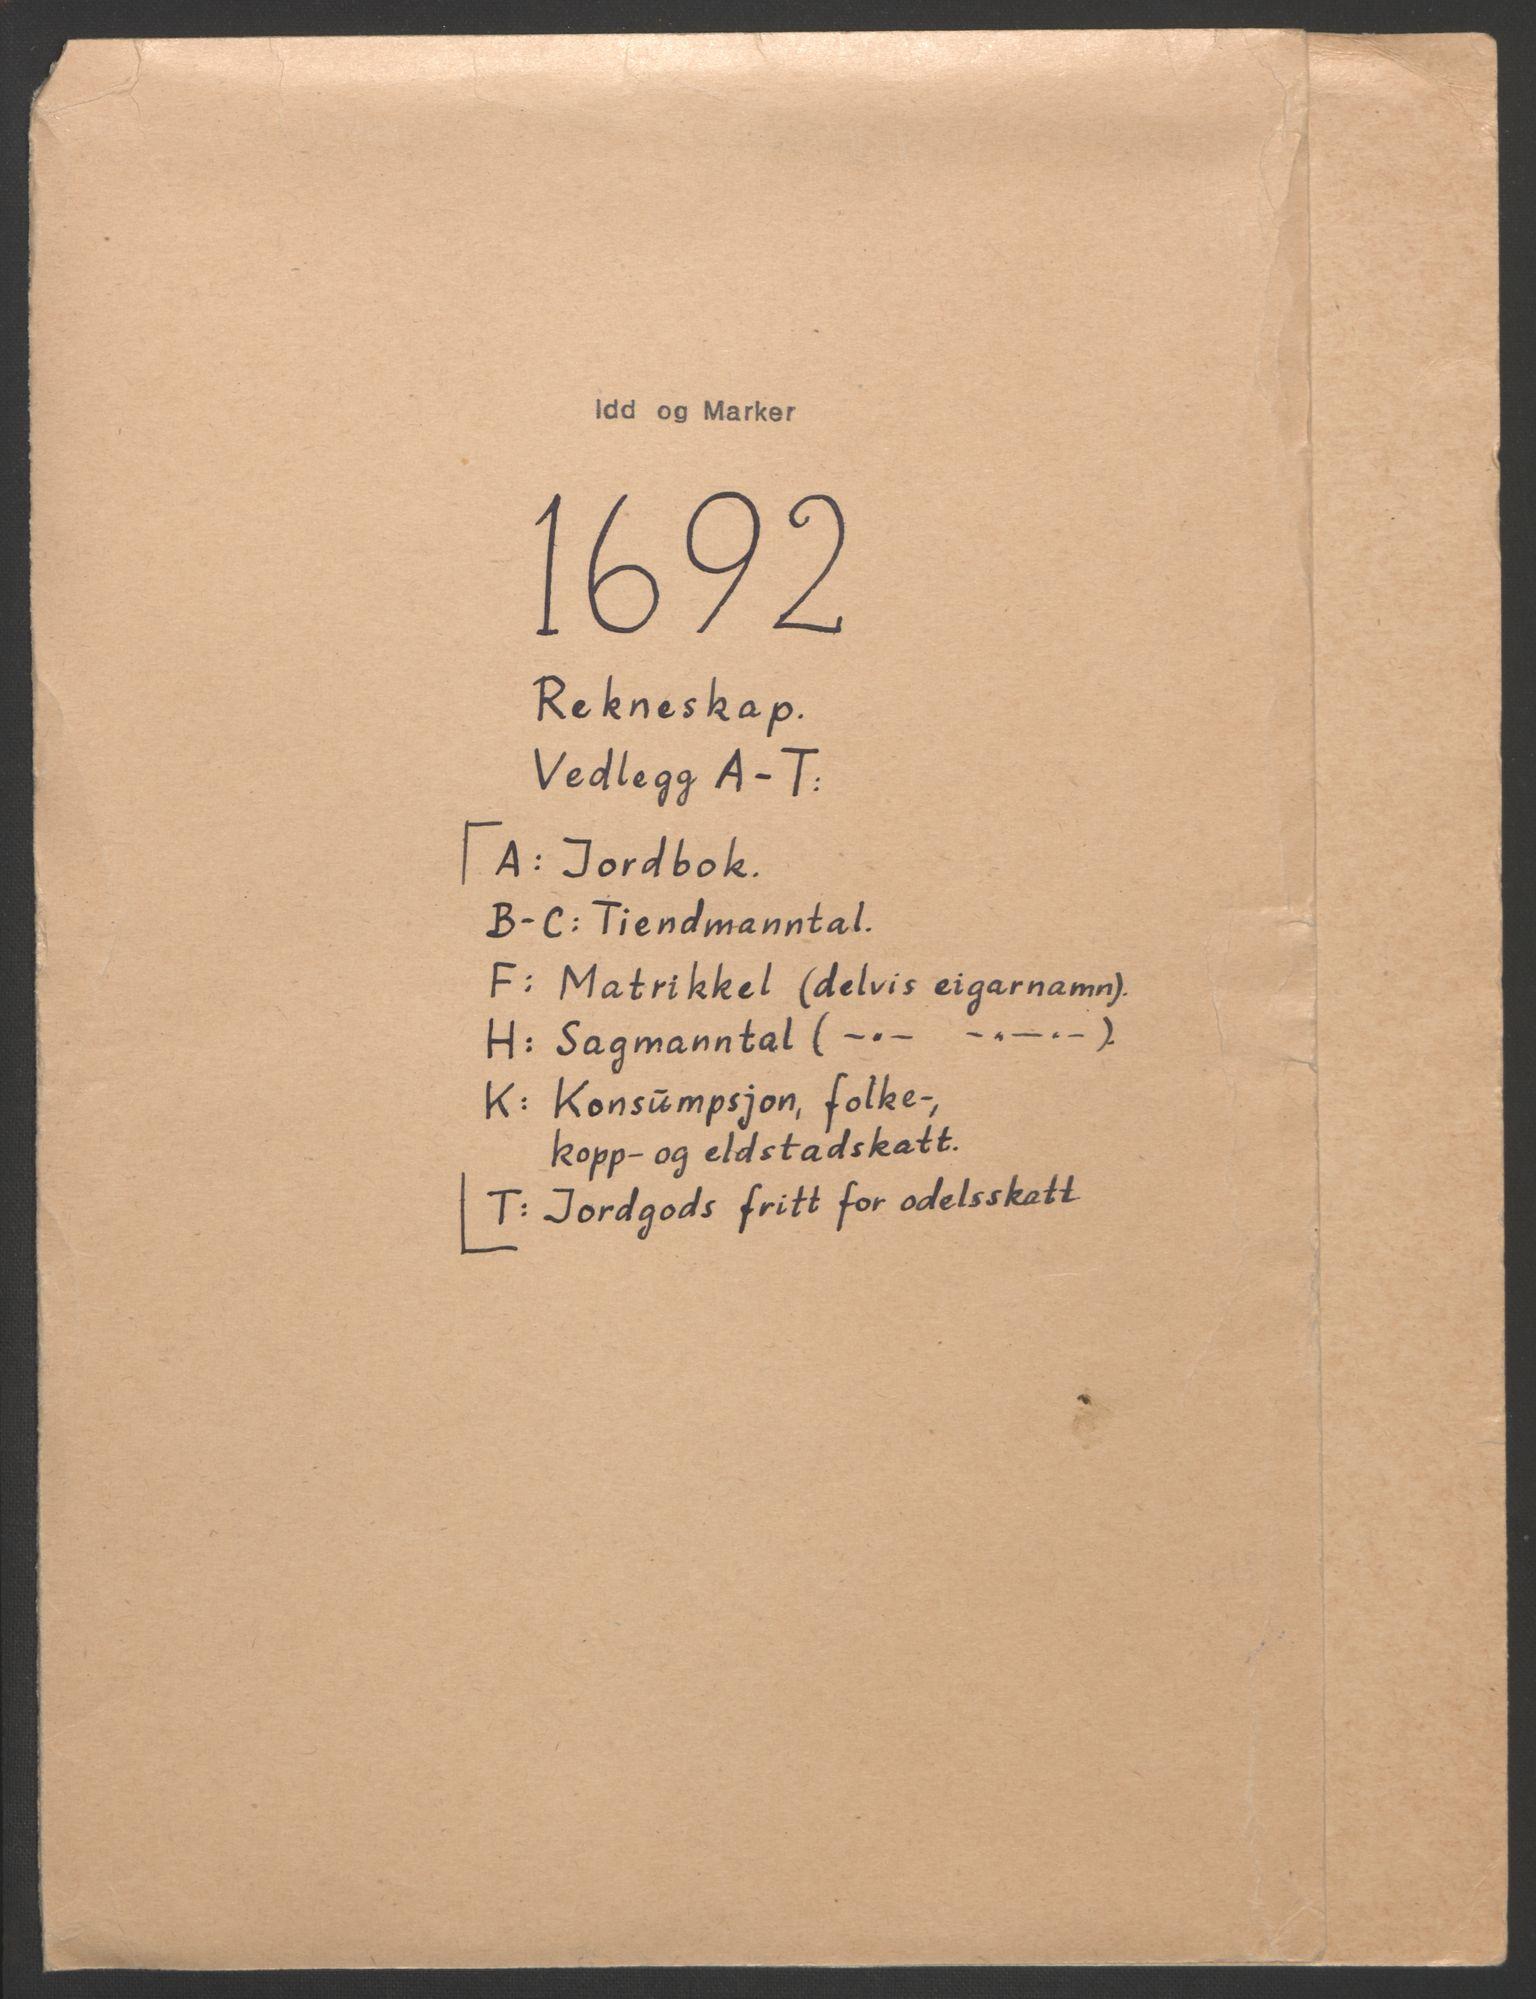 RA, Rentekammeret inntil 1814, Reviderte regnskaper, Fogderegnskap, R01/L0011: Fogderegnskap Idd og Marker, 1692-1693, p. 2